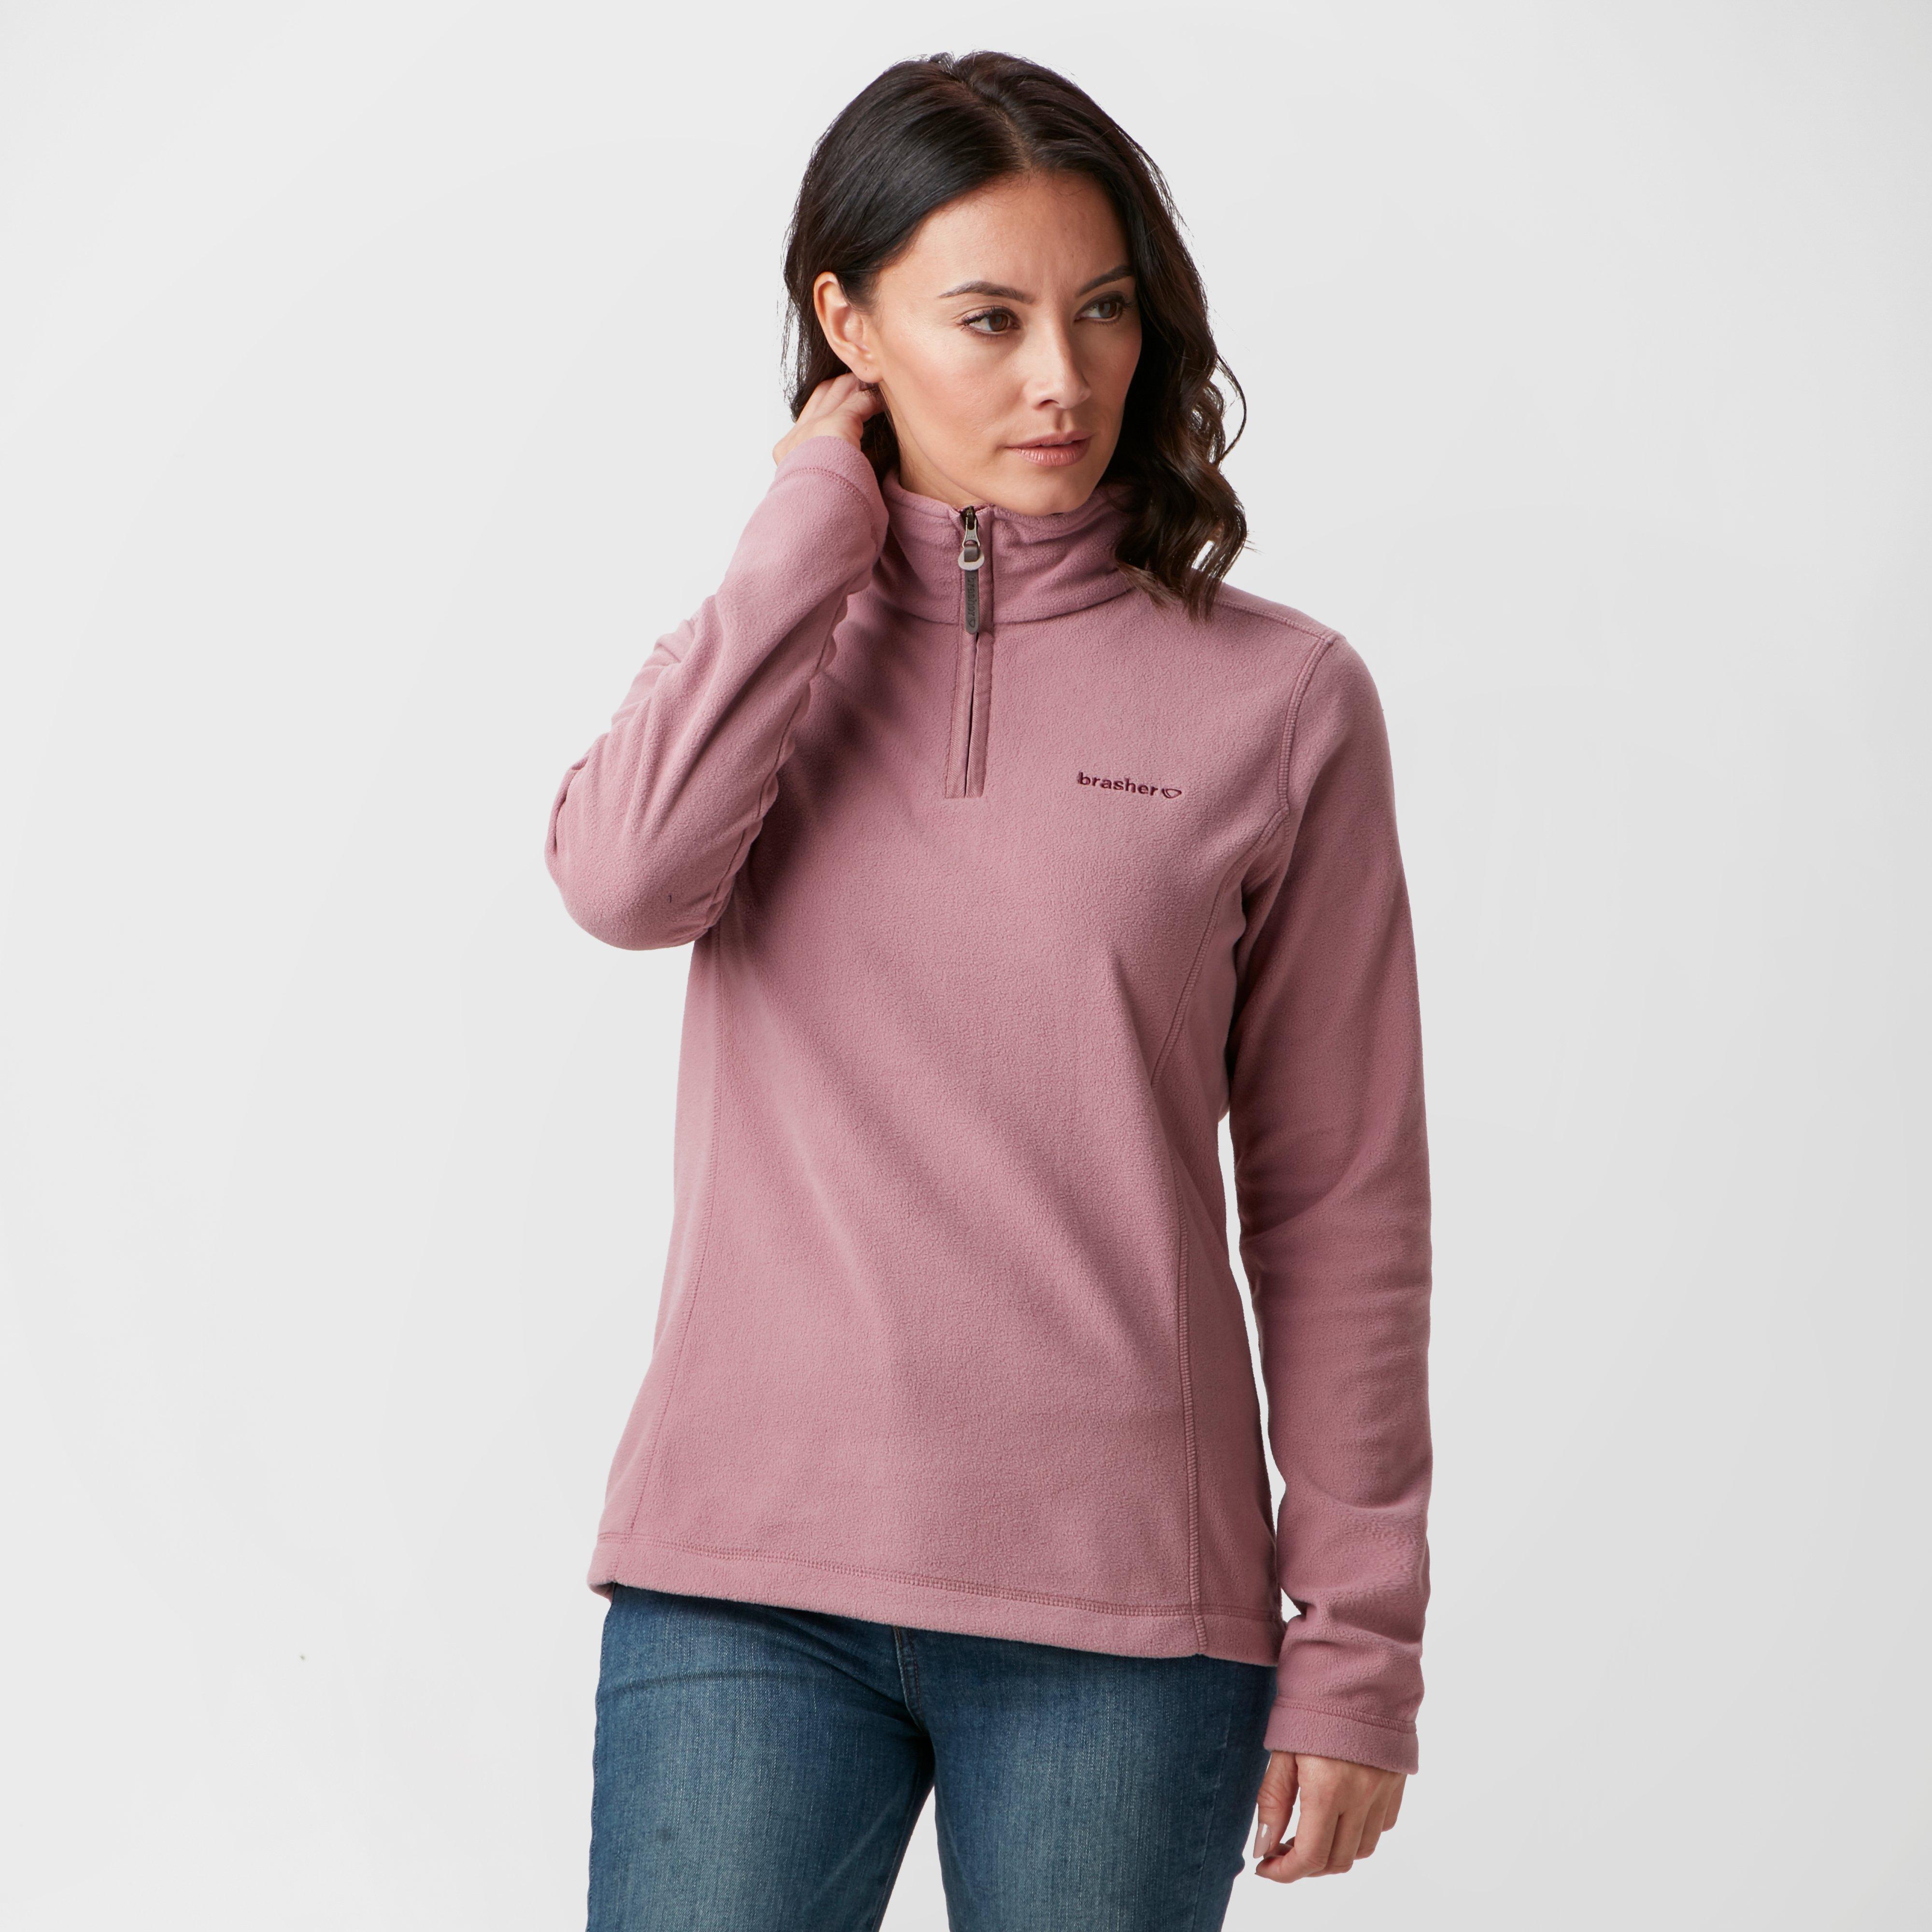 Brasher Women's Bleaberry Half Zip Fleece, Pink